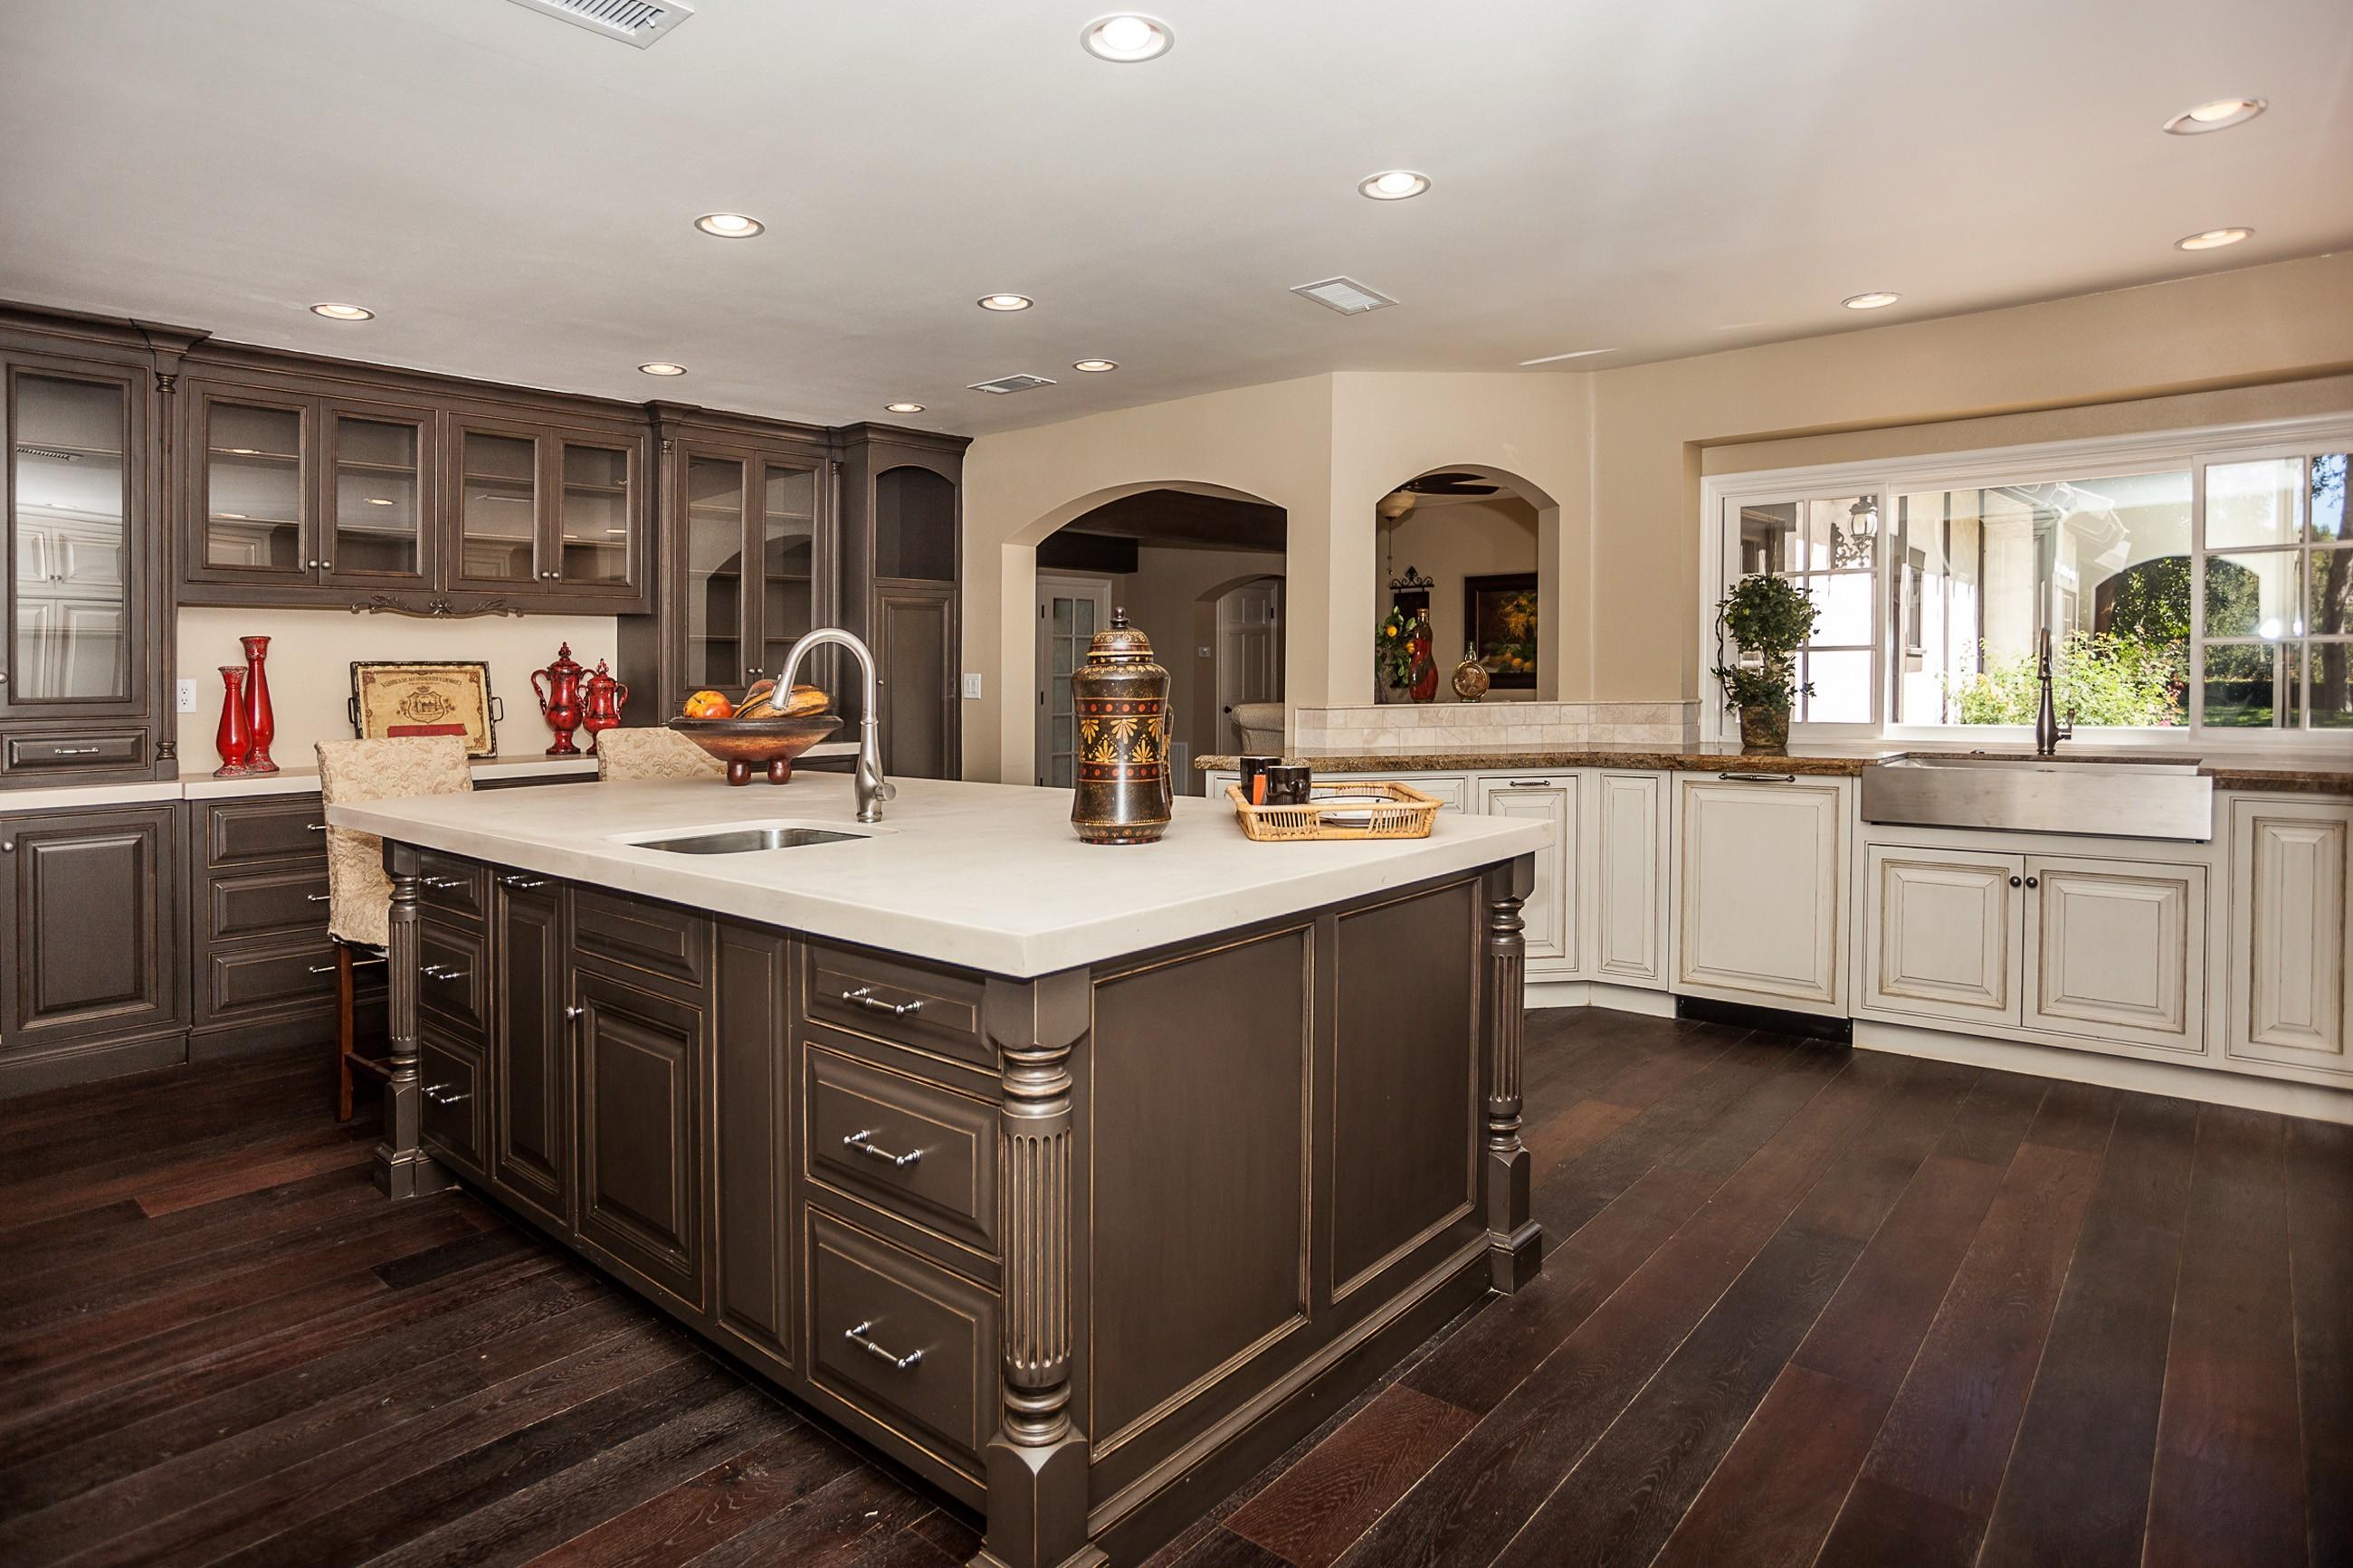 envoûtant-armoires-de-cuisine-marron-avec-armoire-de-cuisine-en-bois-marron-montée-sur-le-mur-et-comptoir-piédestal-en-bois-blanc-être-équipé-évier-chromé-inoxydable-là-dessus-aussi- armoire-en-bois-blanche-pour-ki